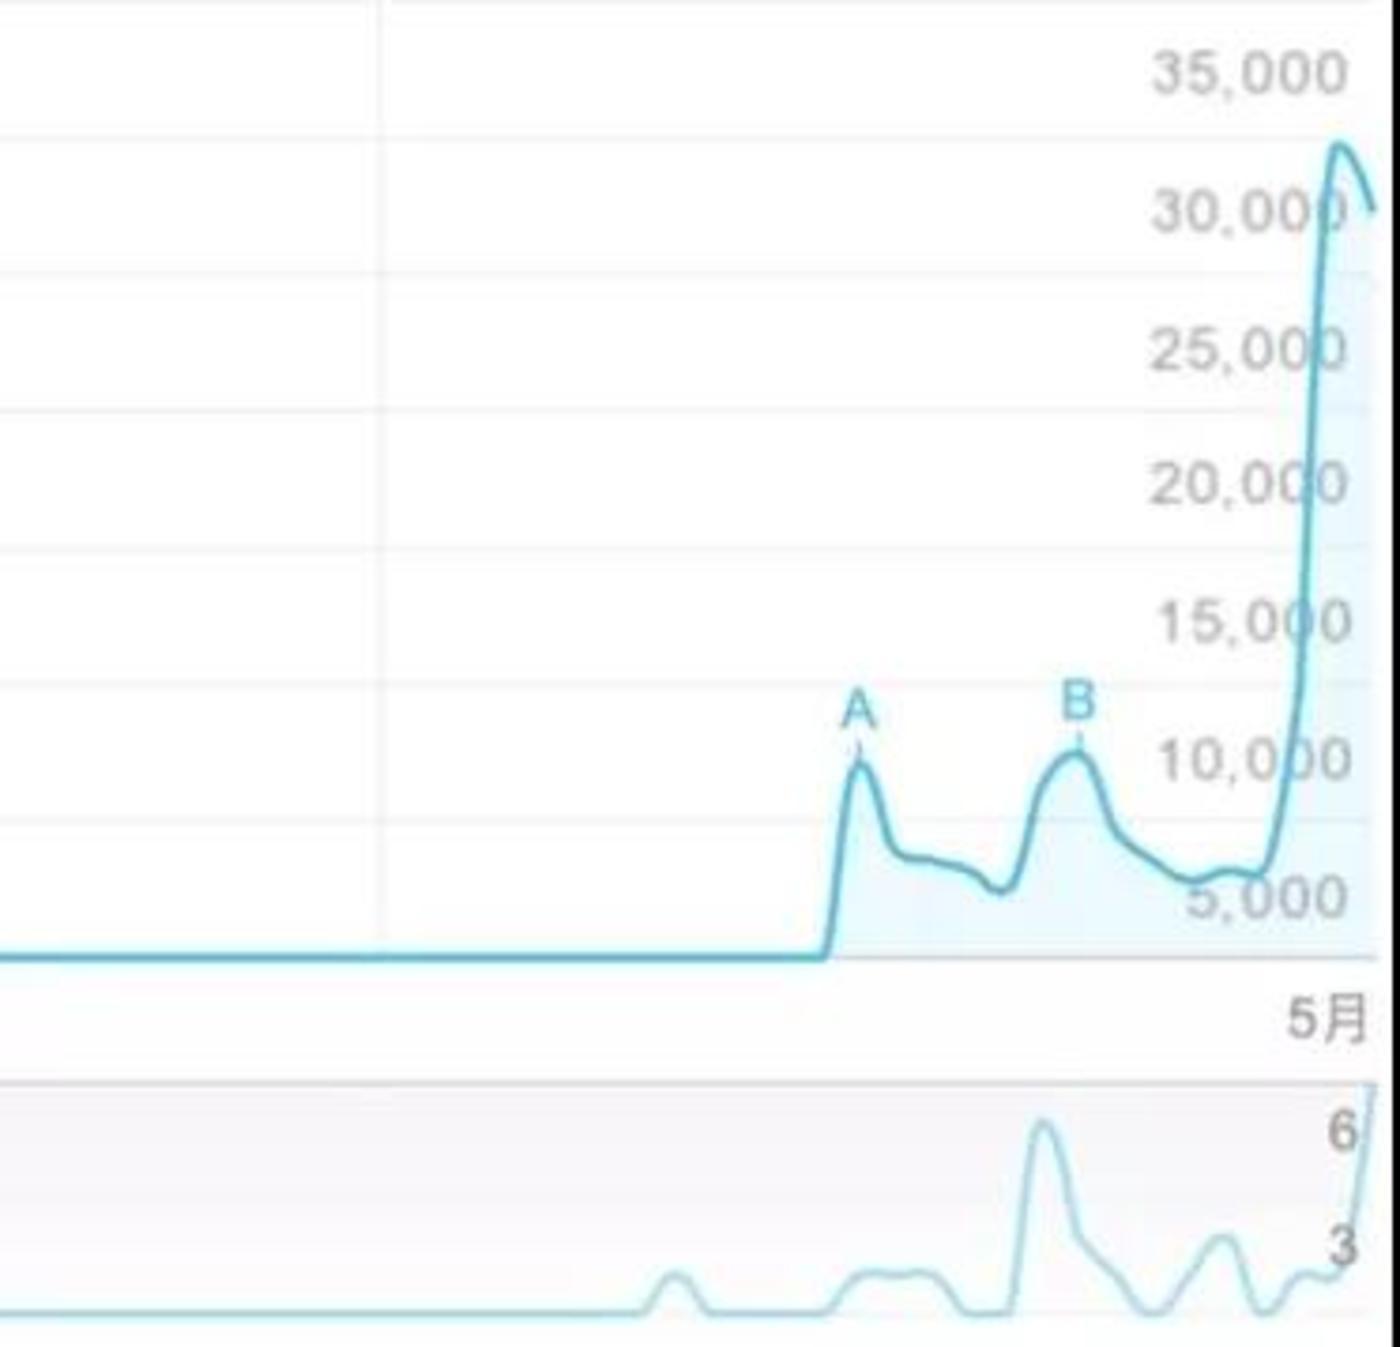 上下分别王菊百度搜索指数及媒体指数的变化趋势